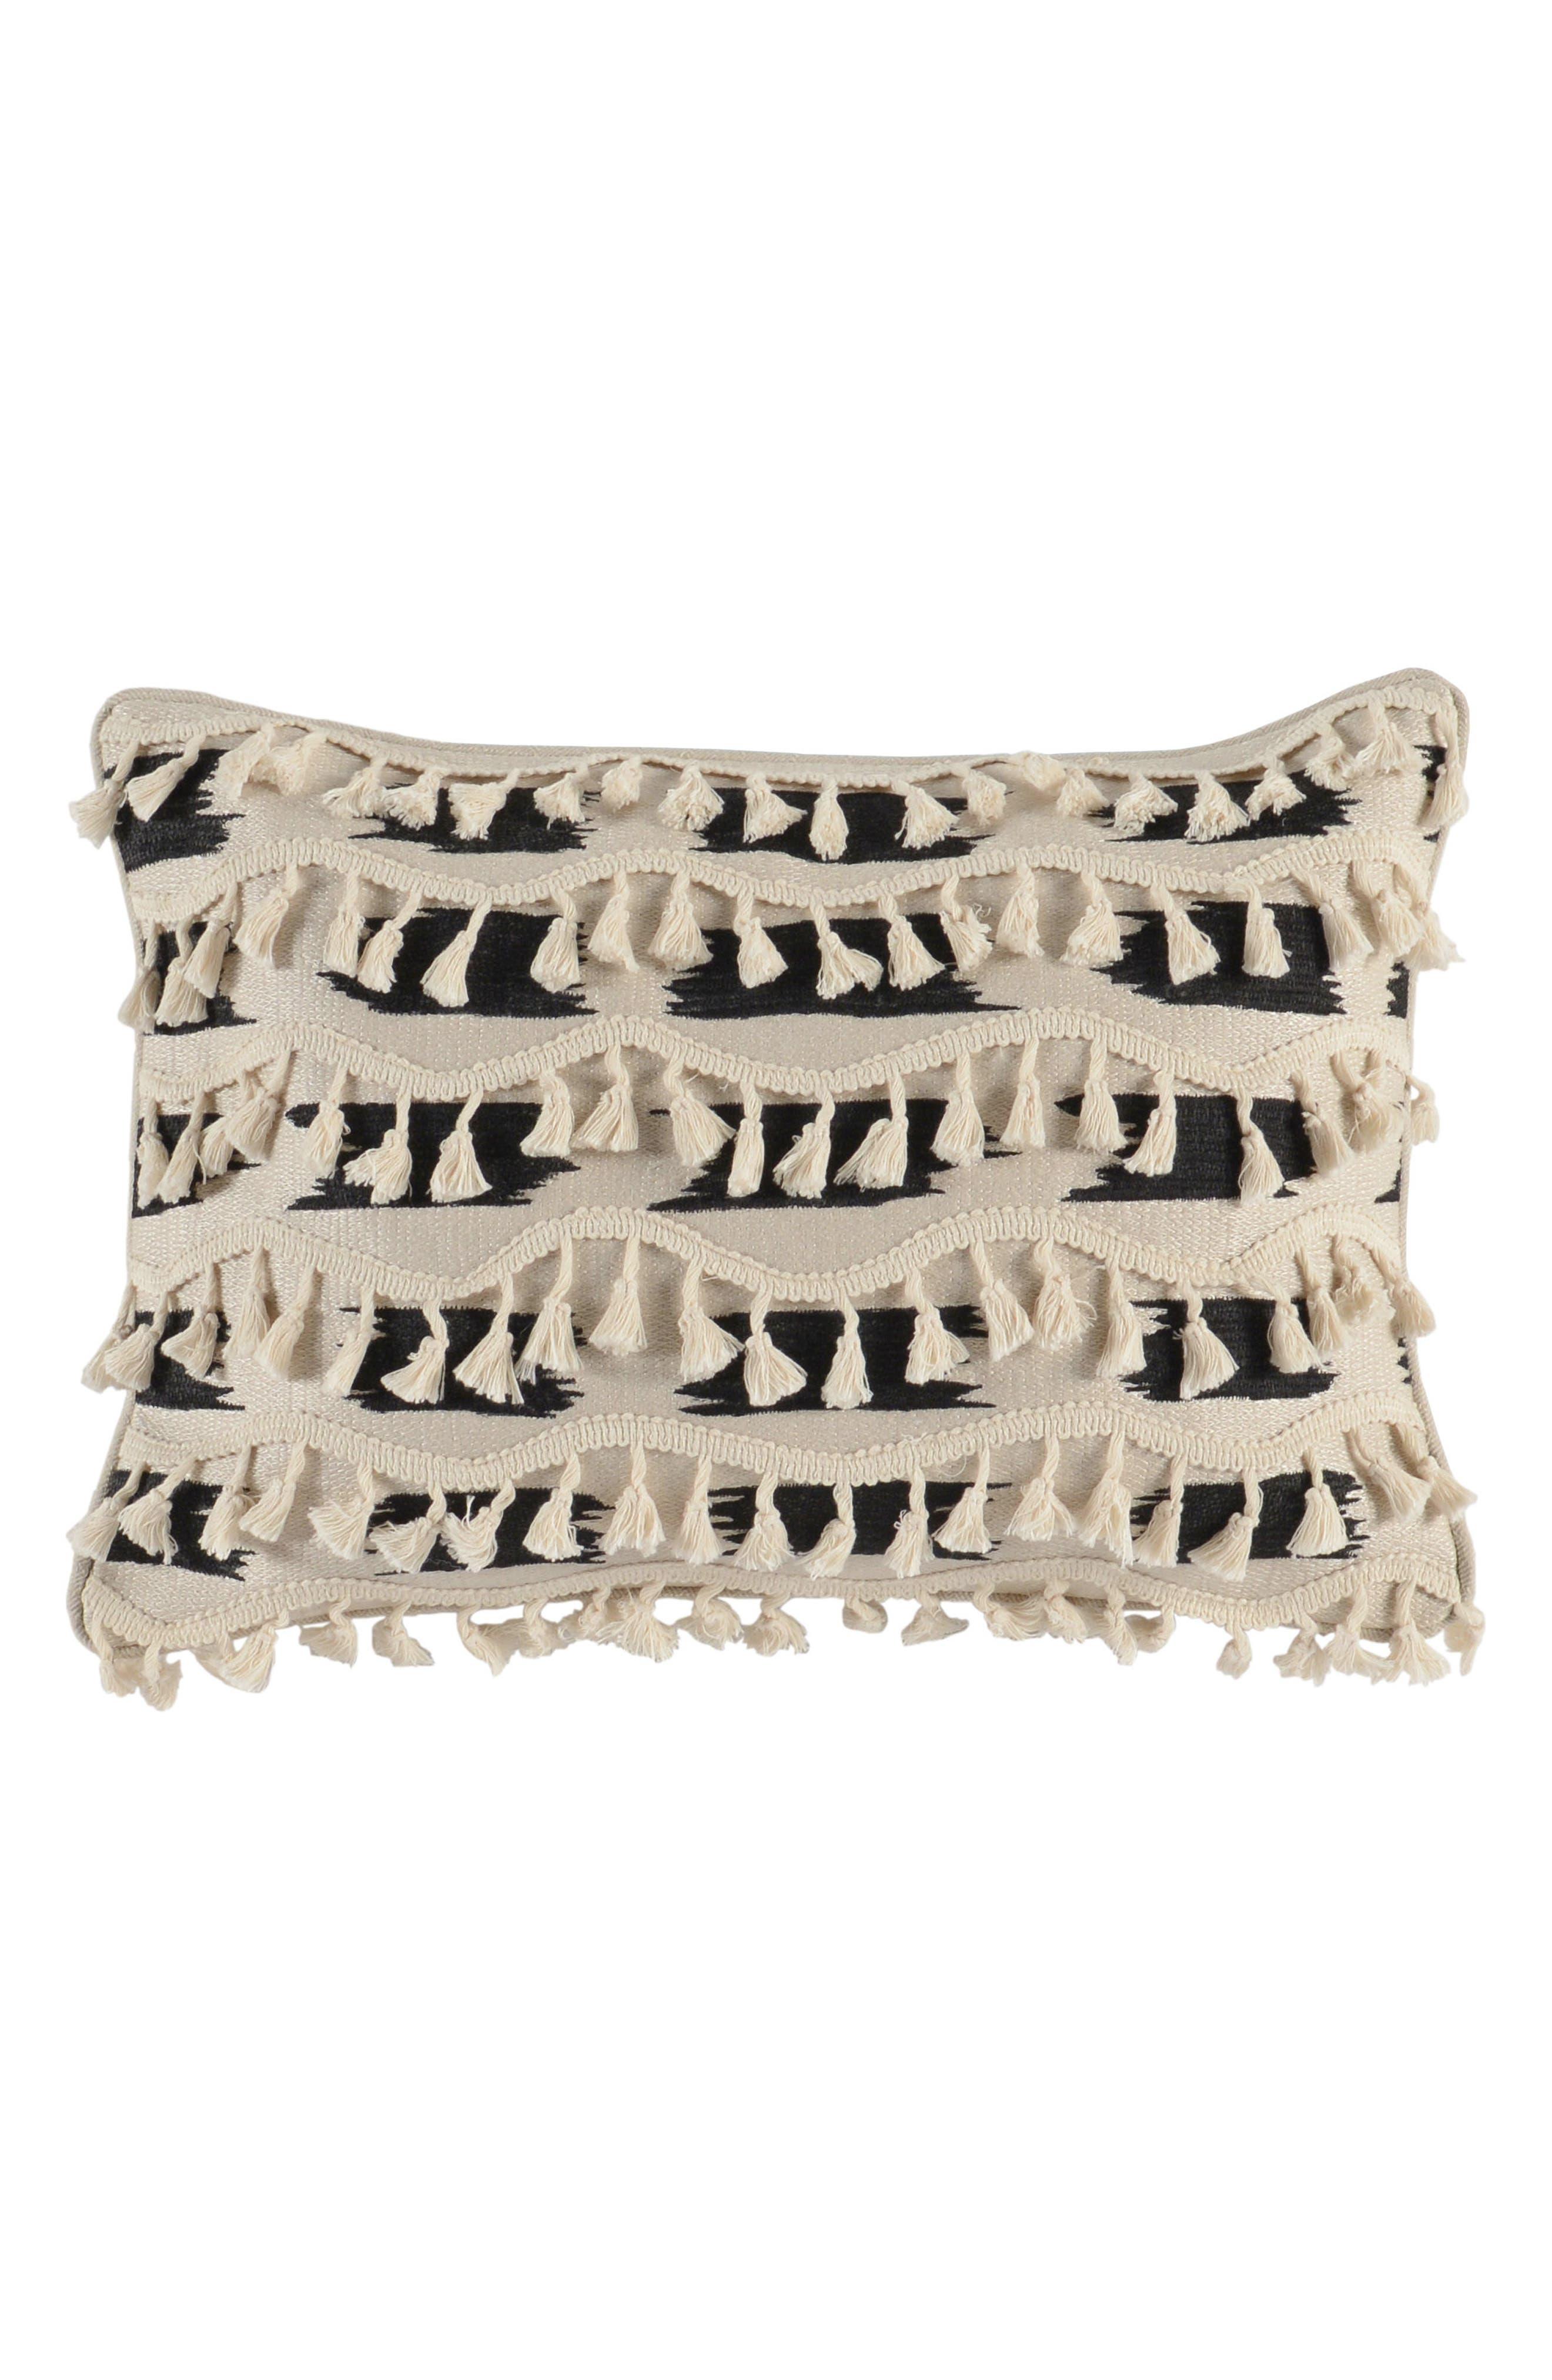 villa home collection decorative pillows pillows throws  - villa home collection decorative pillows pillows throws  blankets nordstrom  nordstrom